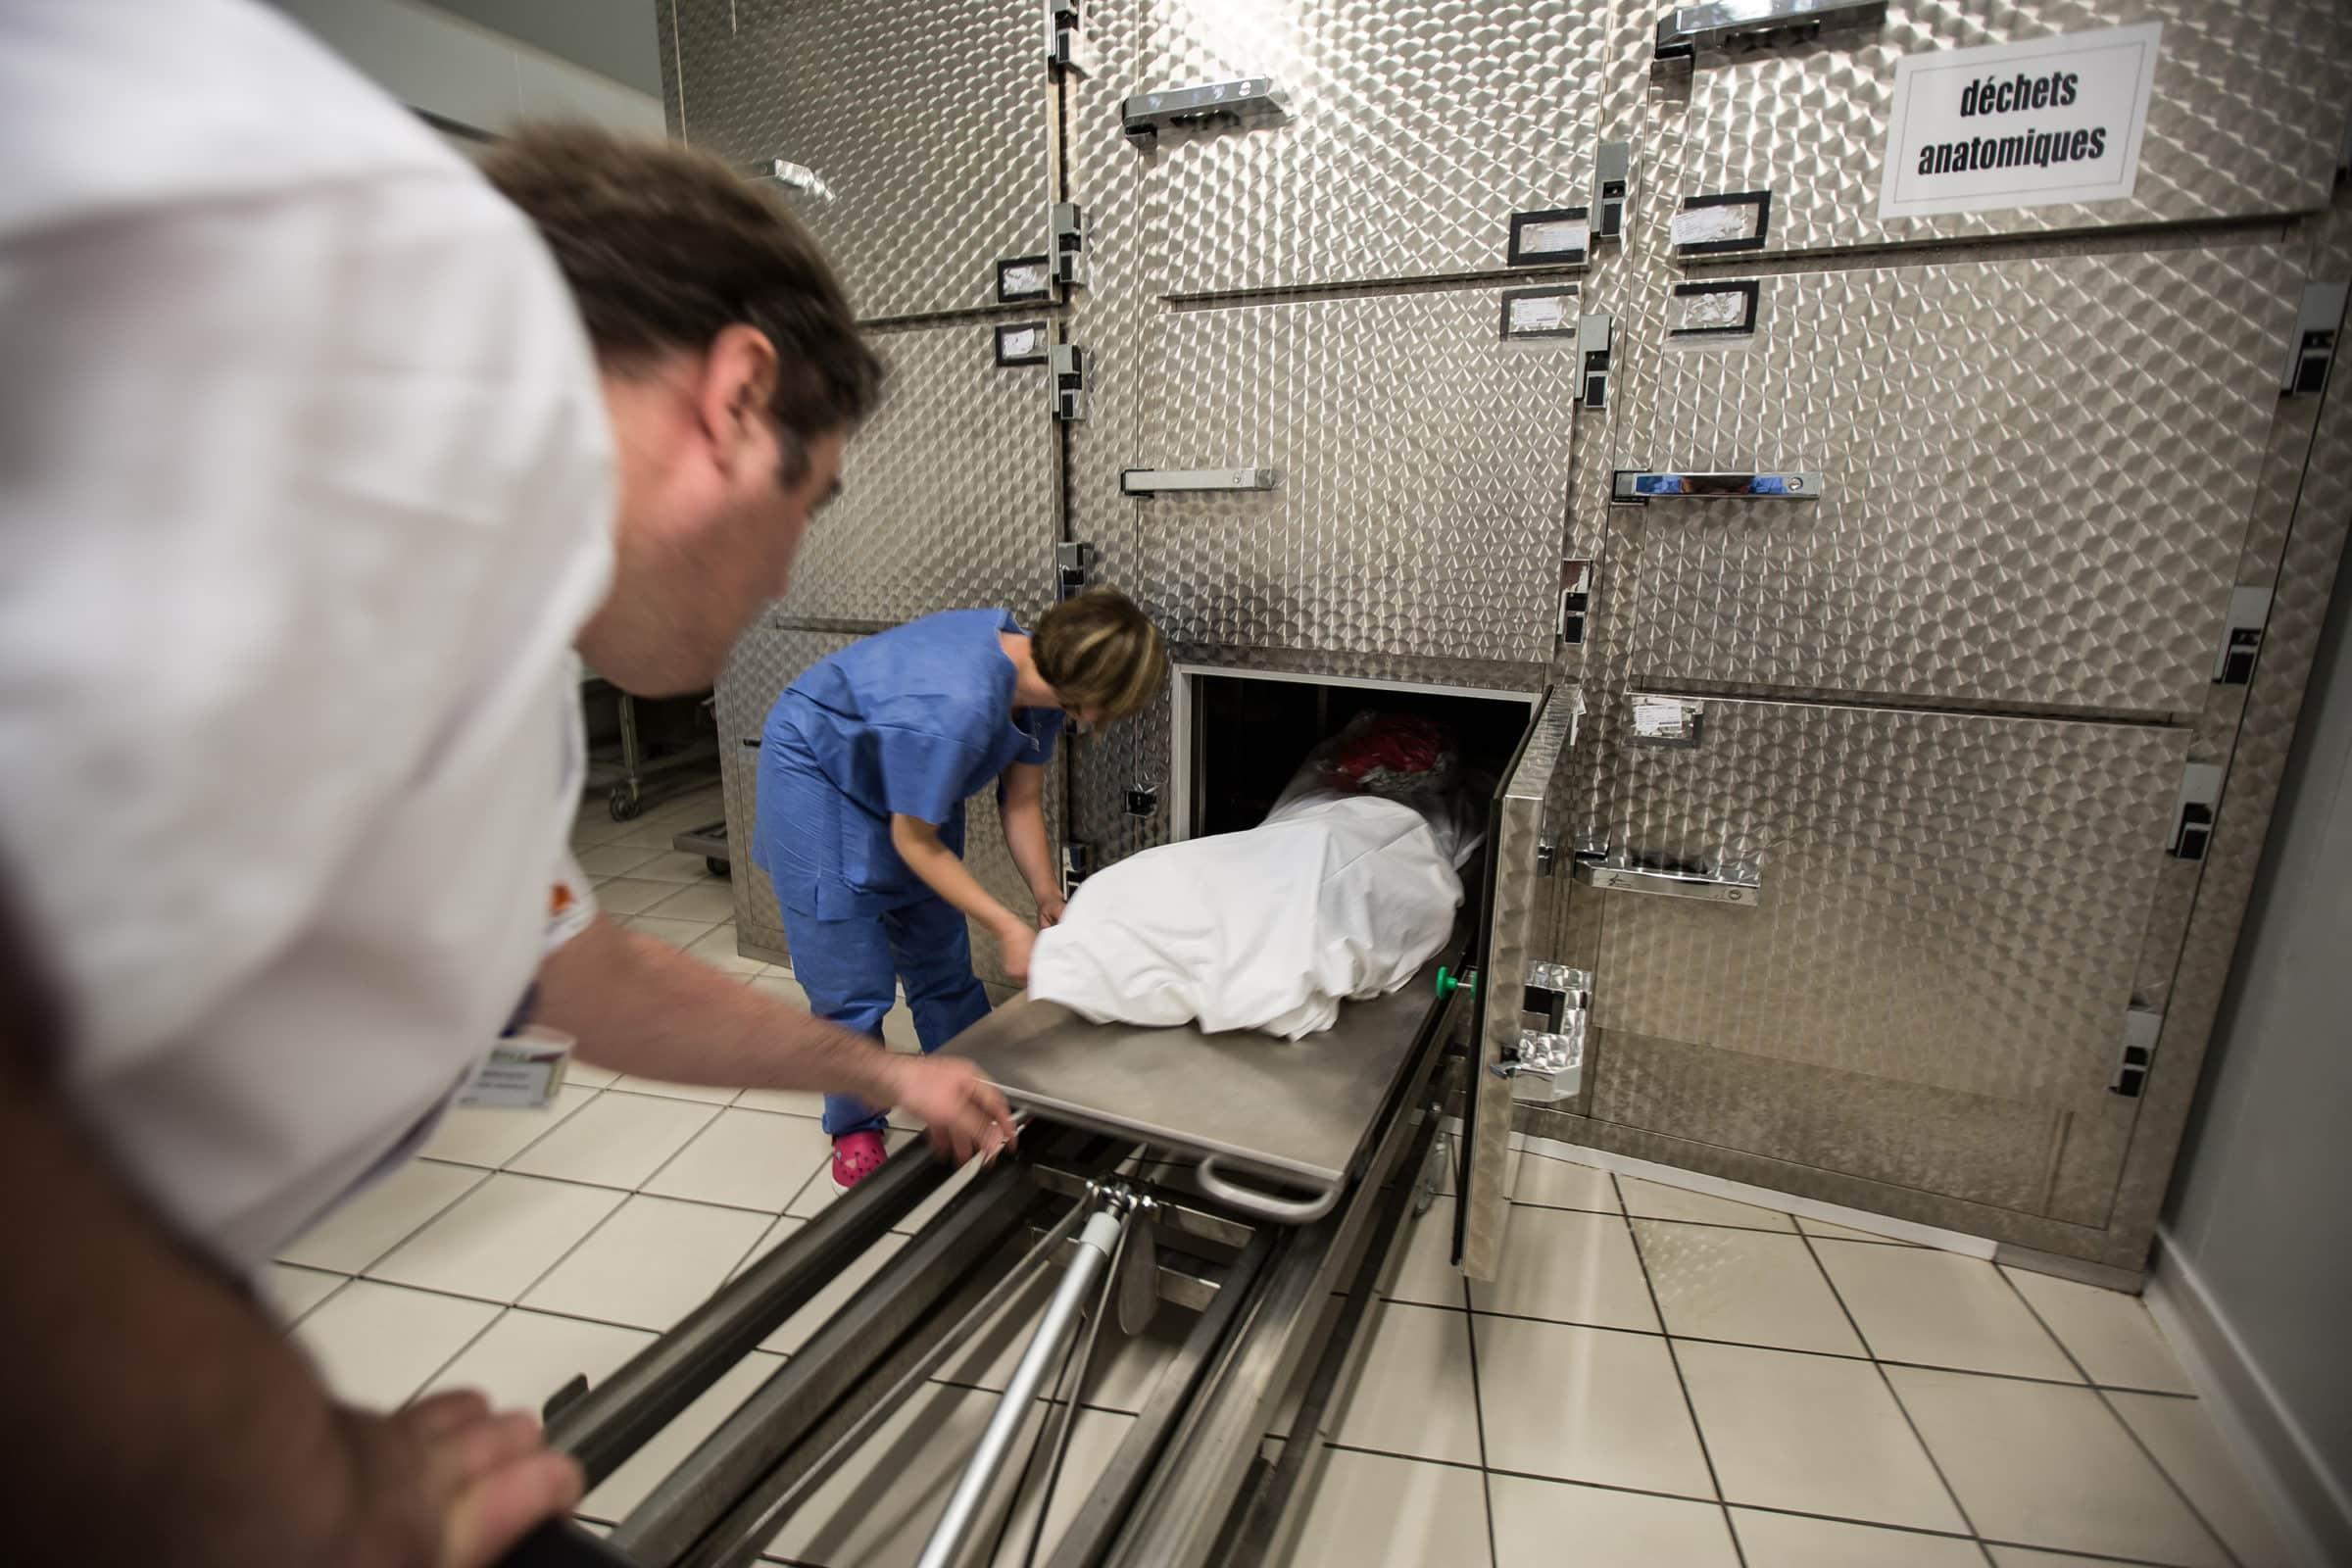 les urgences de la polyclinique bordeaux nord accueillent 130 patients chaque jour actusoins. Black Bedroom Furniture Sets. Home Design Ideas